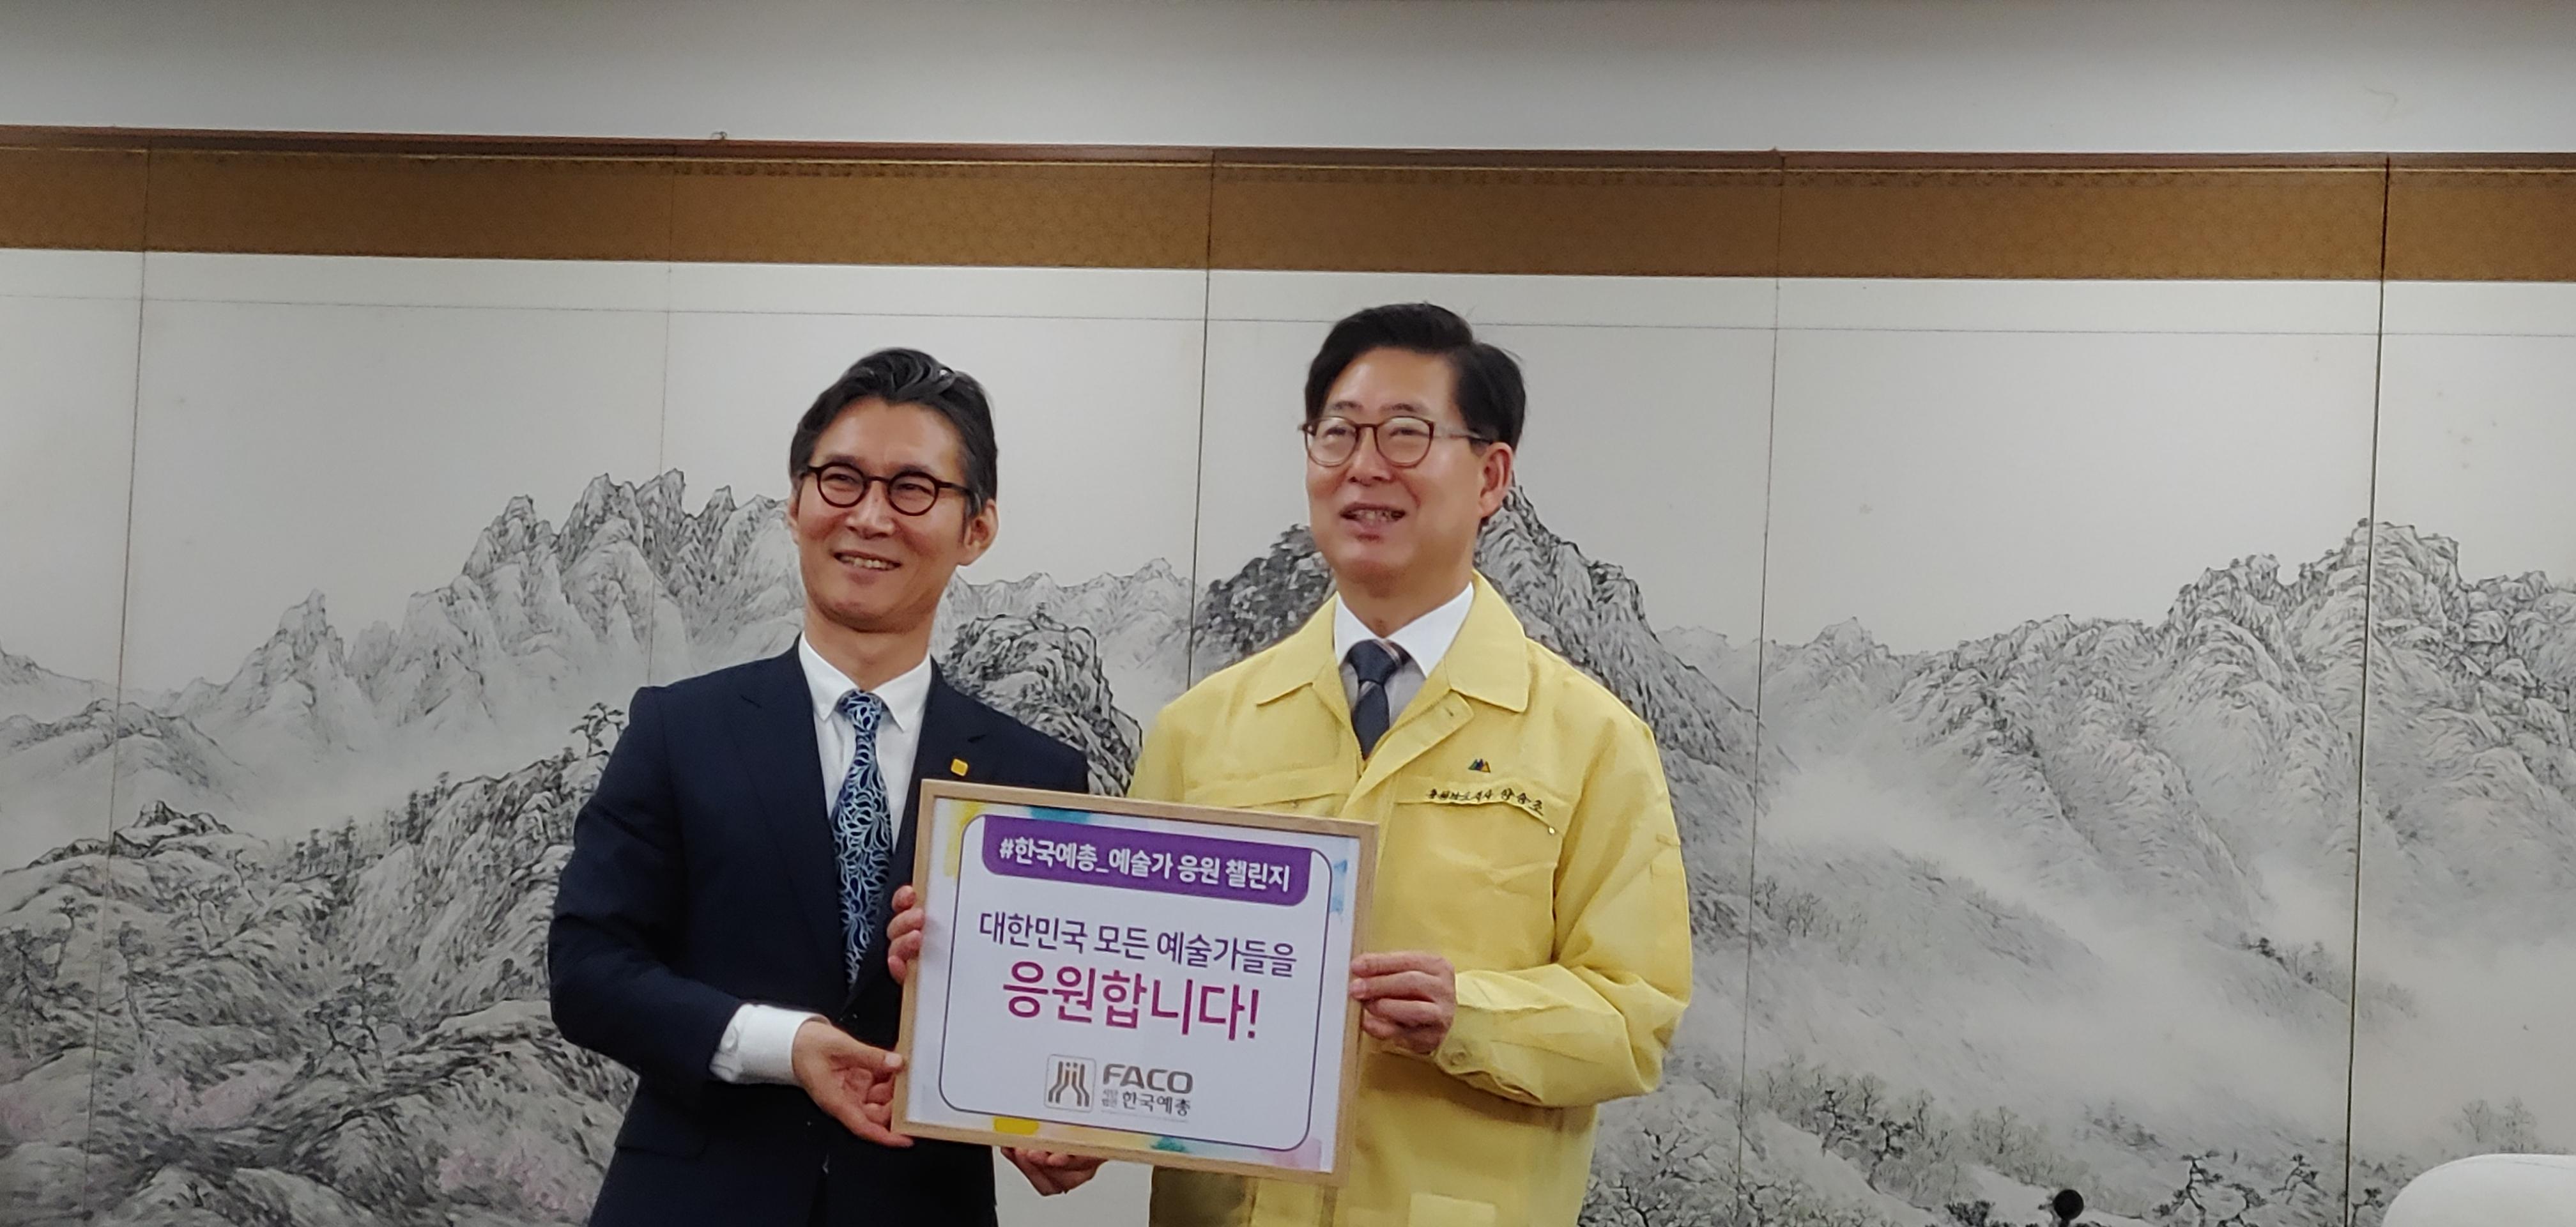 한국예총 회장단, 충남도와 문화예술 협력 생상 방안 논의